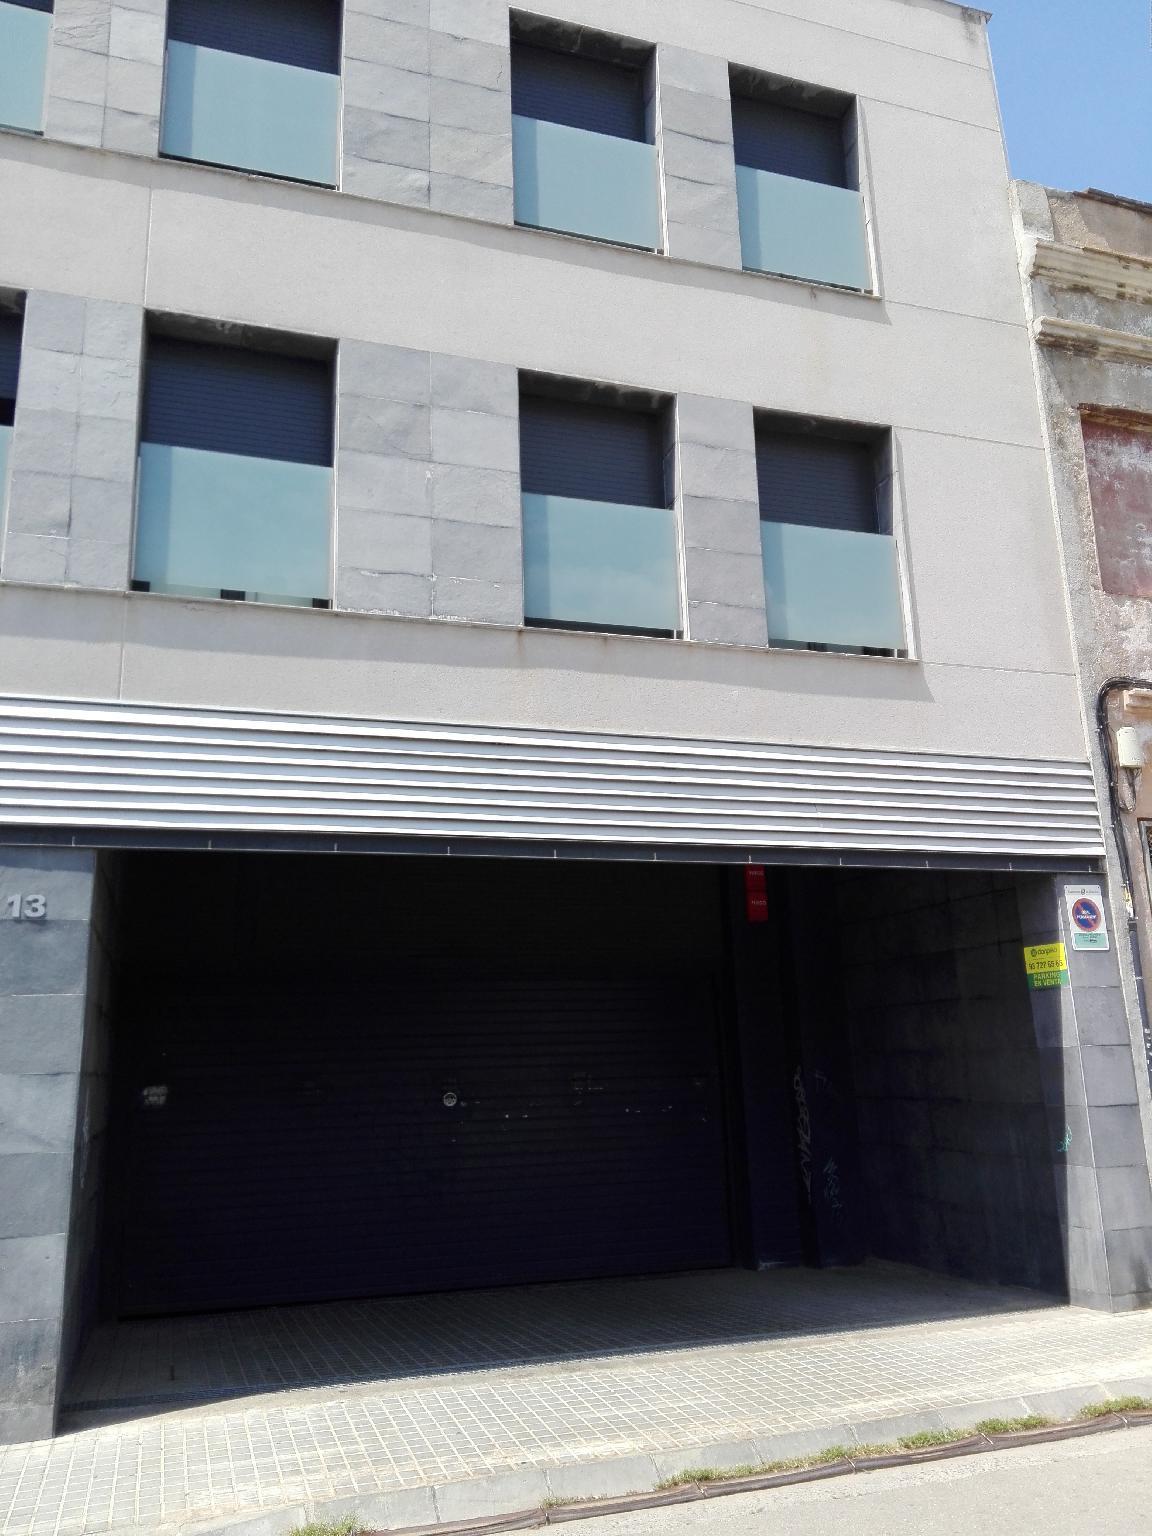 208631 - Plazas parquing barrio Hostafrancs